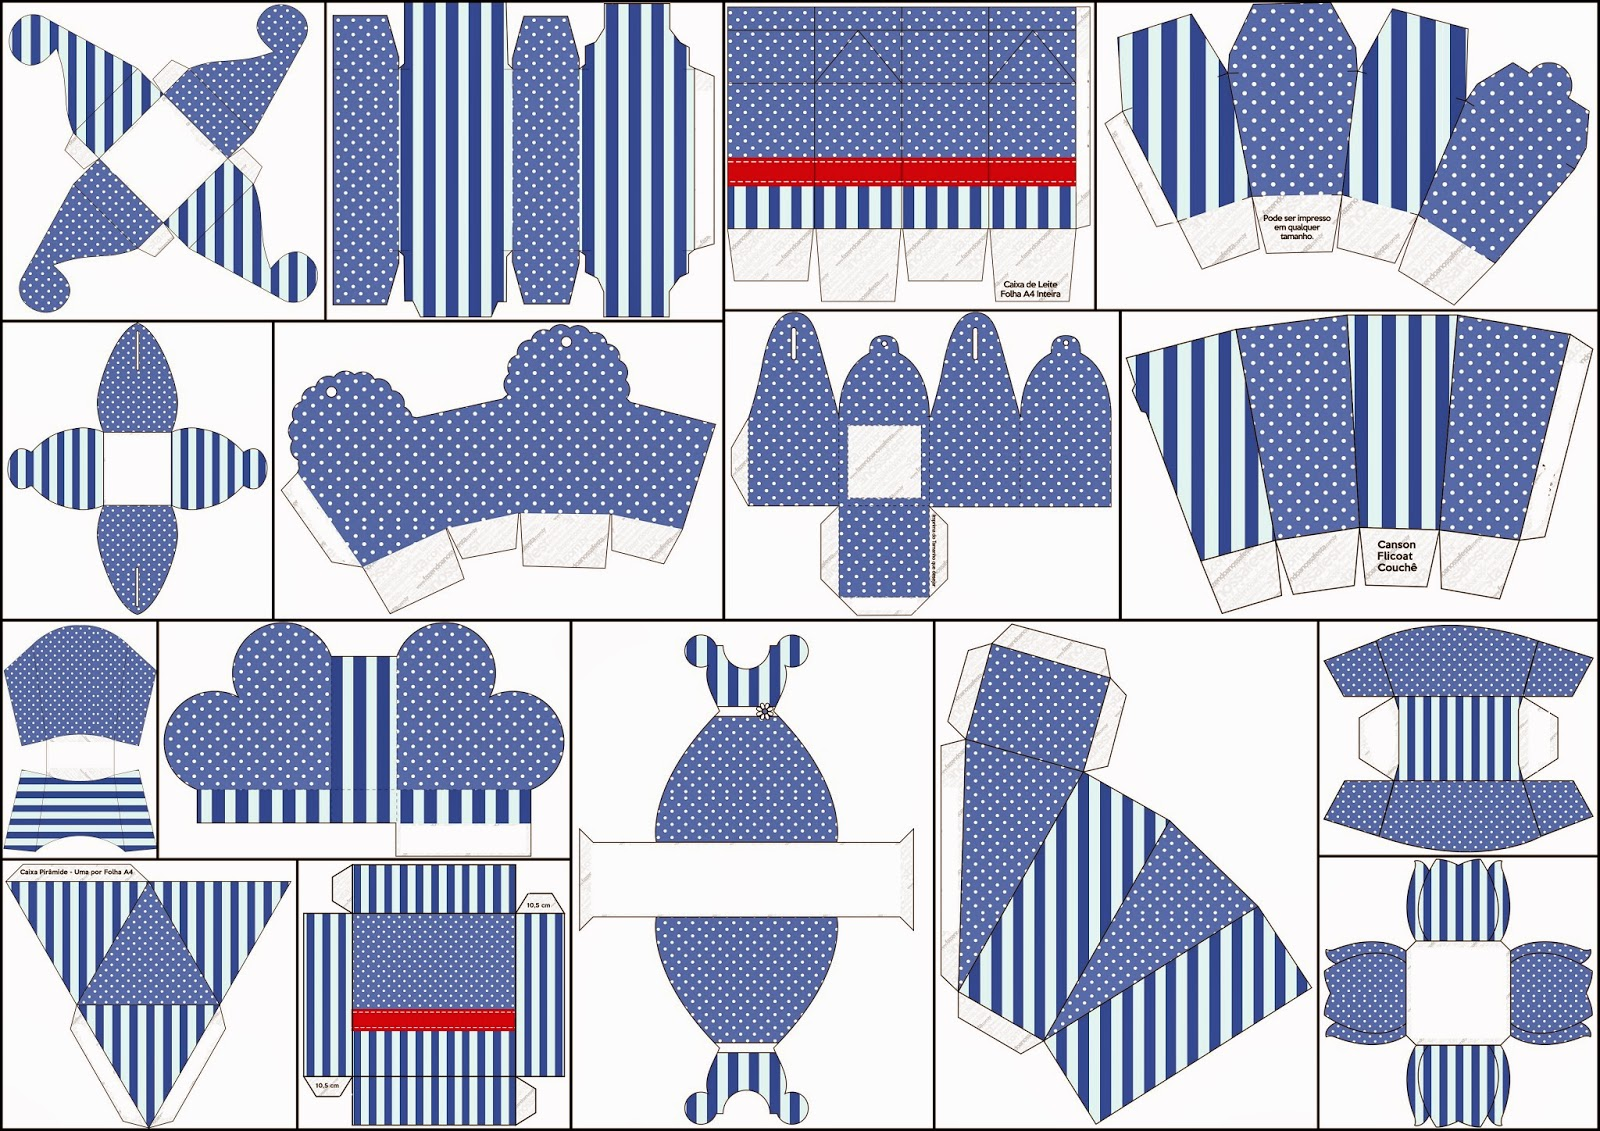 baby baptism photo ideas - Rayas Azules y Lunares Blancos Cajas para Imprimir Gratis